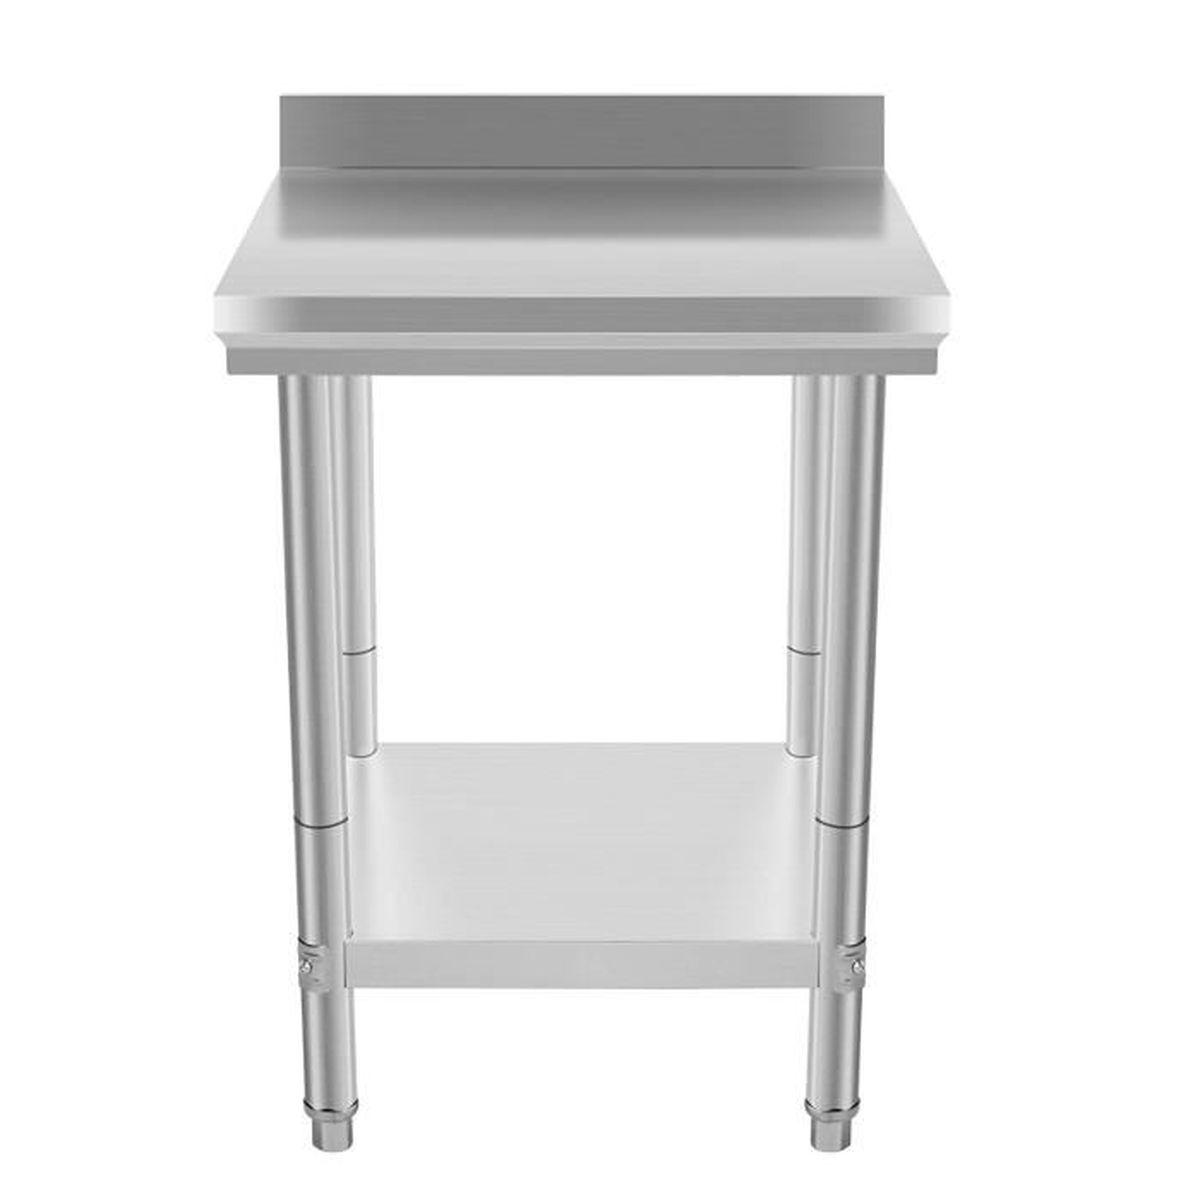 Table Coulissante Sous Plan De Travail table de travail l 600 x p 600 mm en inox- coolmall - achat